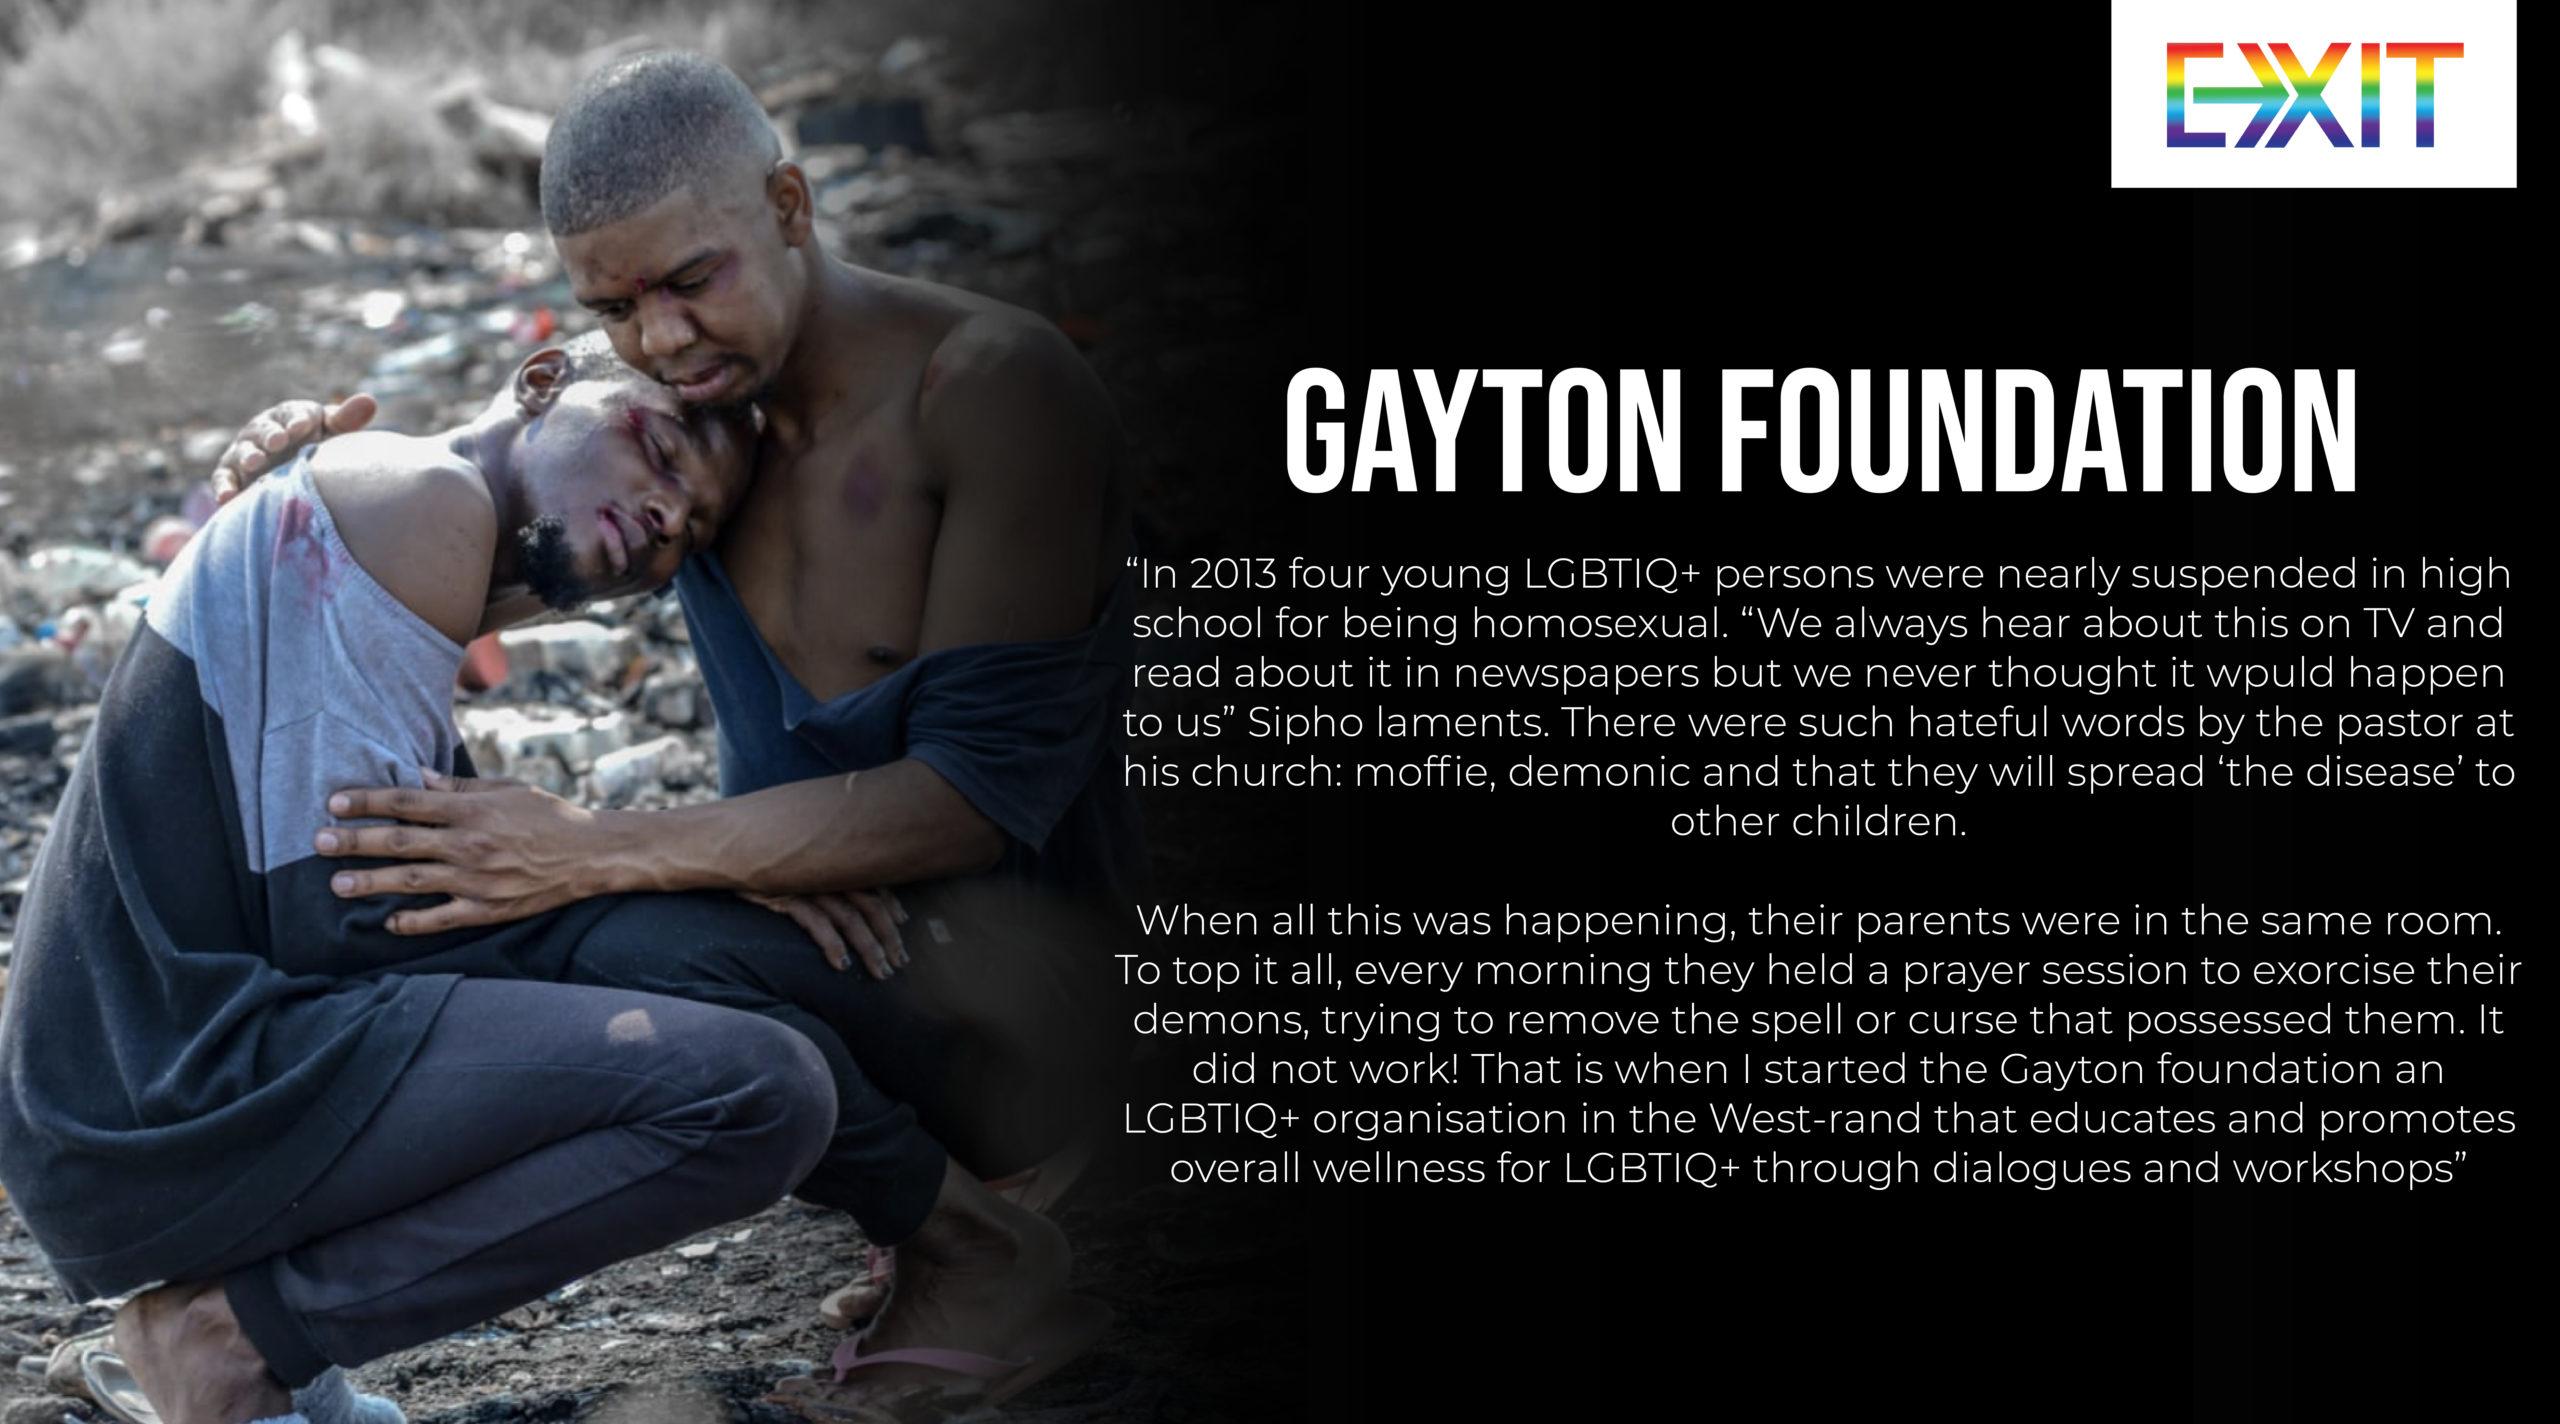 THE GAYTON FOUNDATION